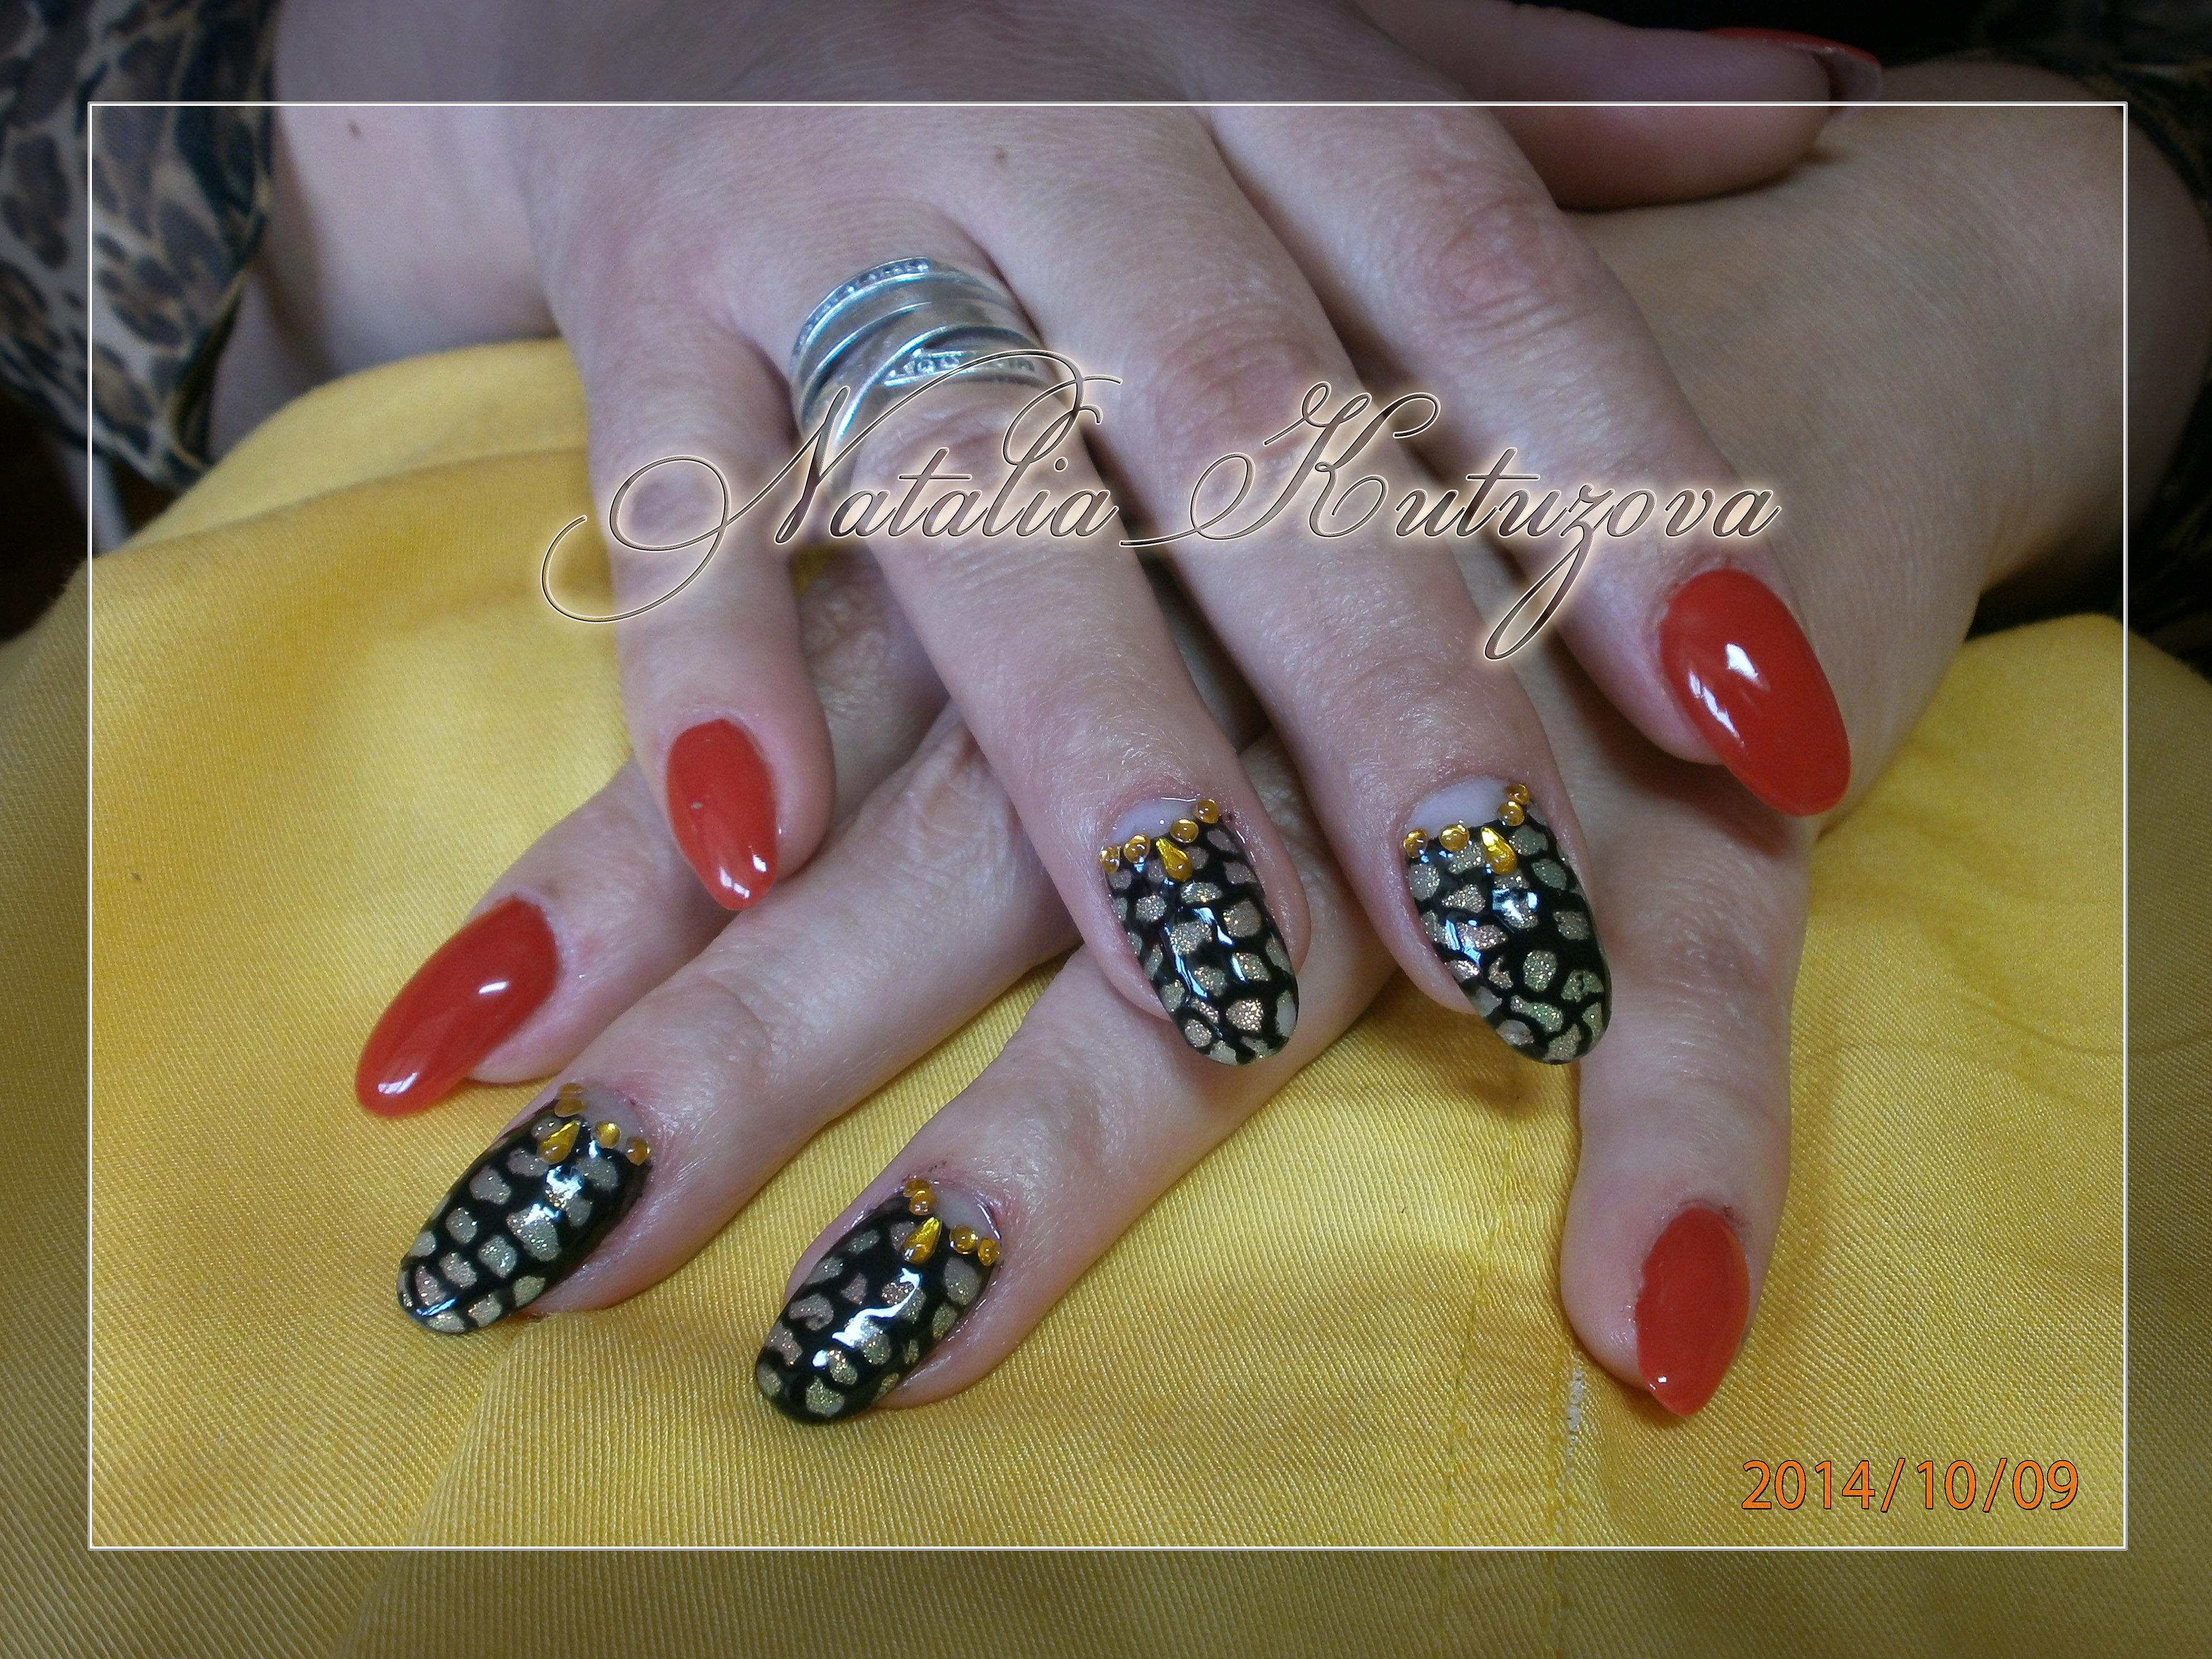 Стразы на нарощенных ногтях